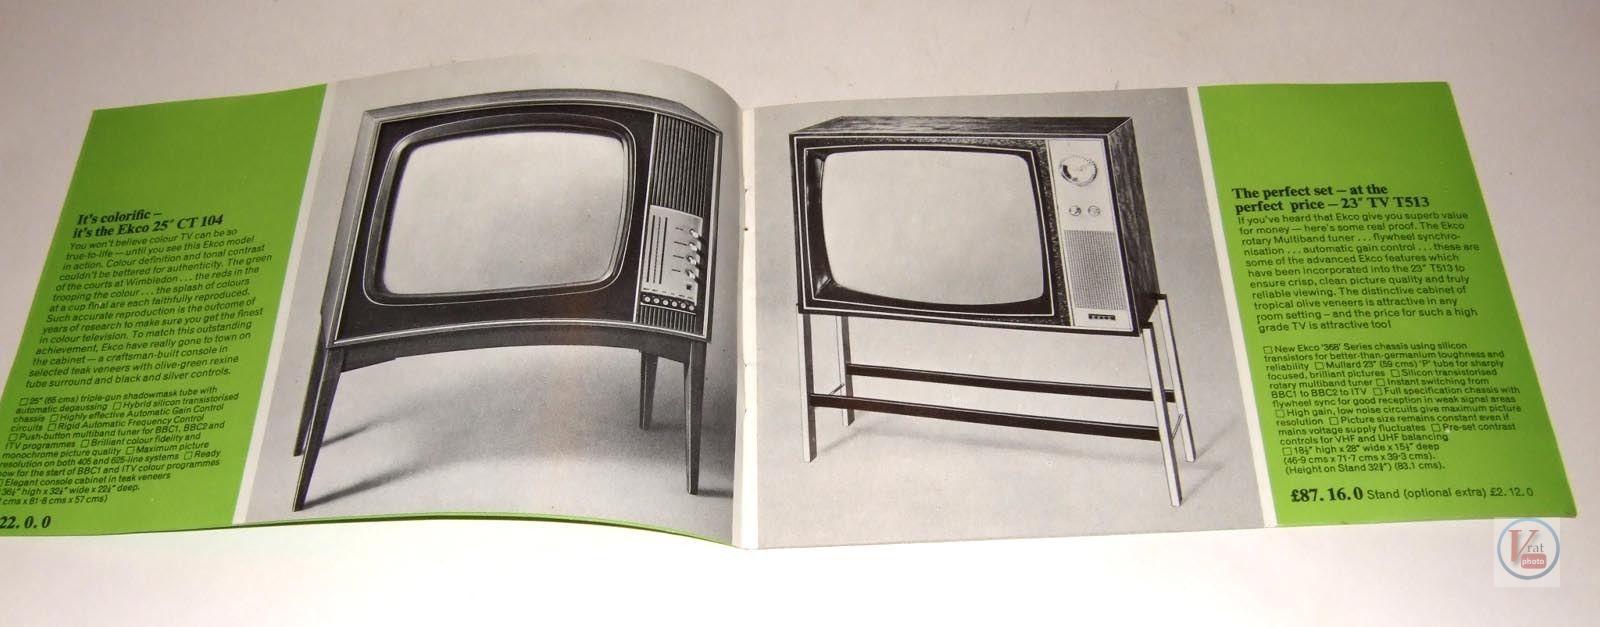 EKCO B&W TV's 64